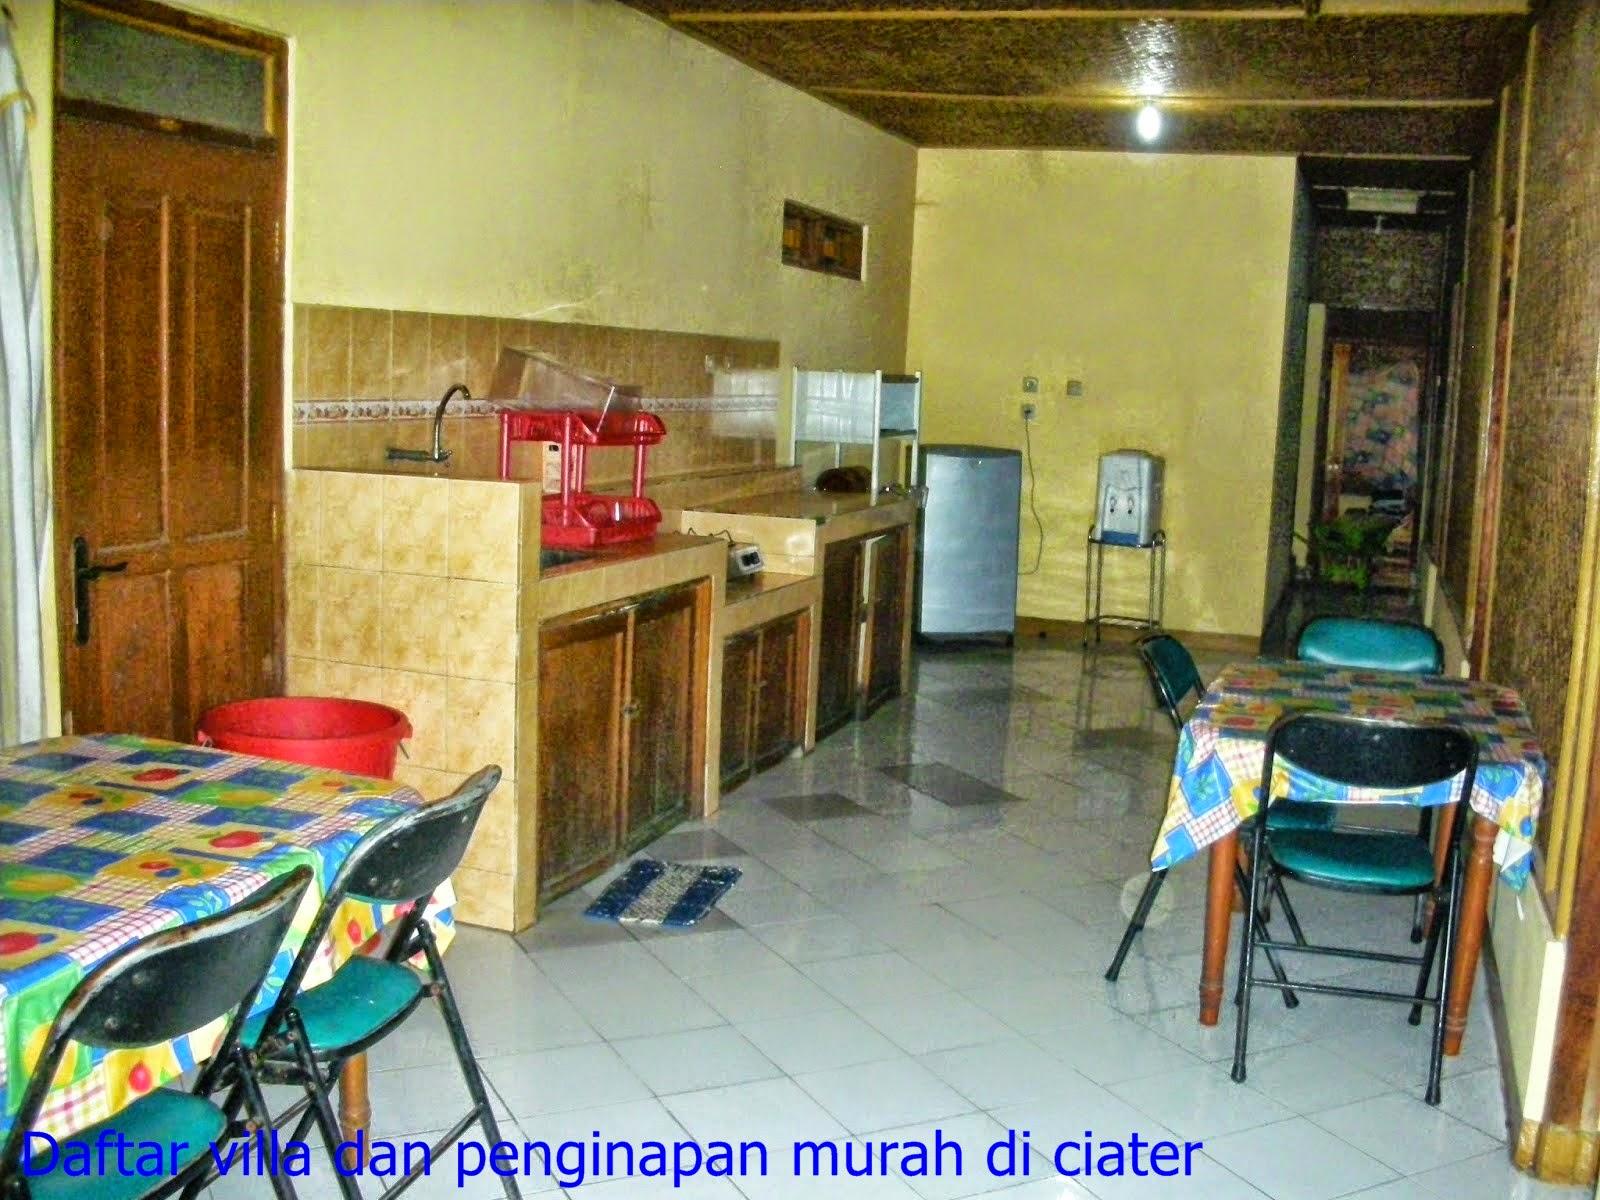 dapur villa ciater